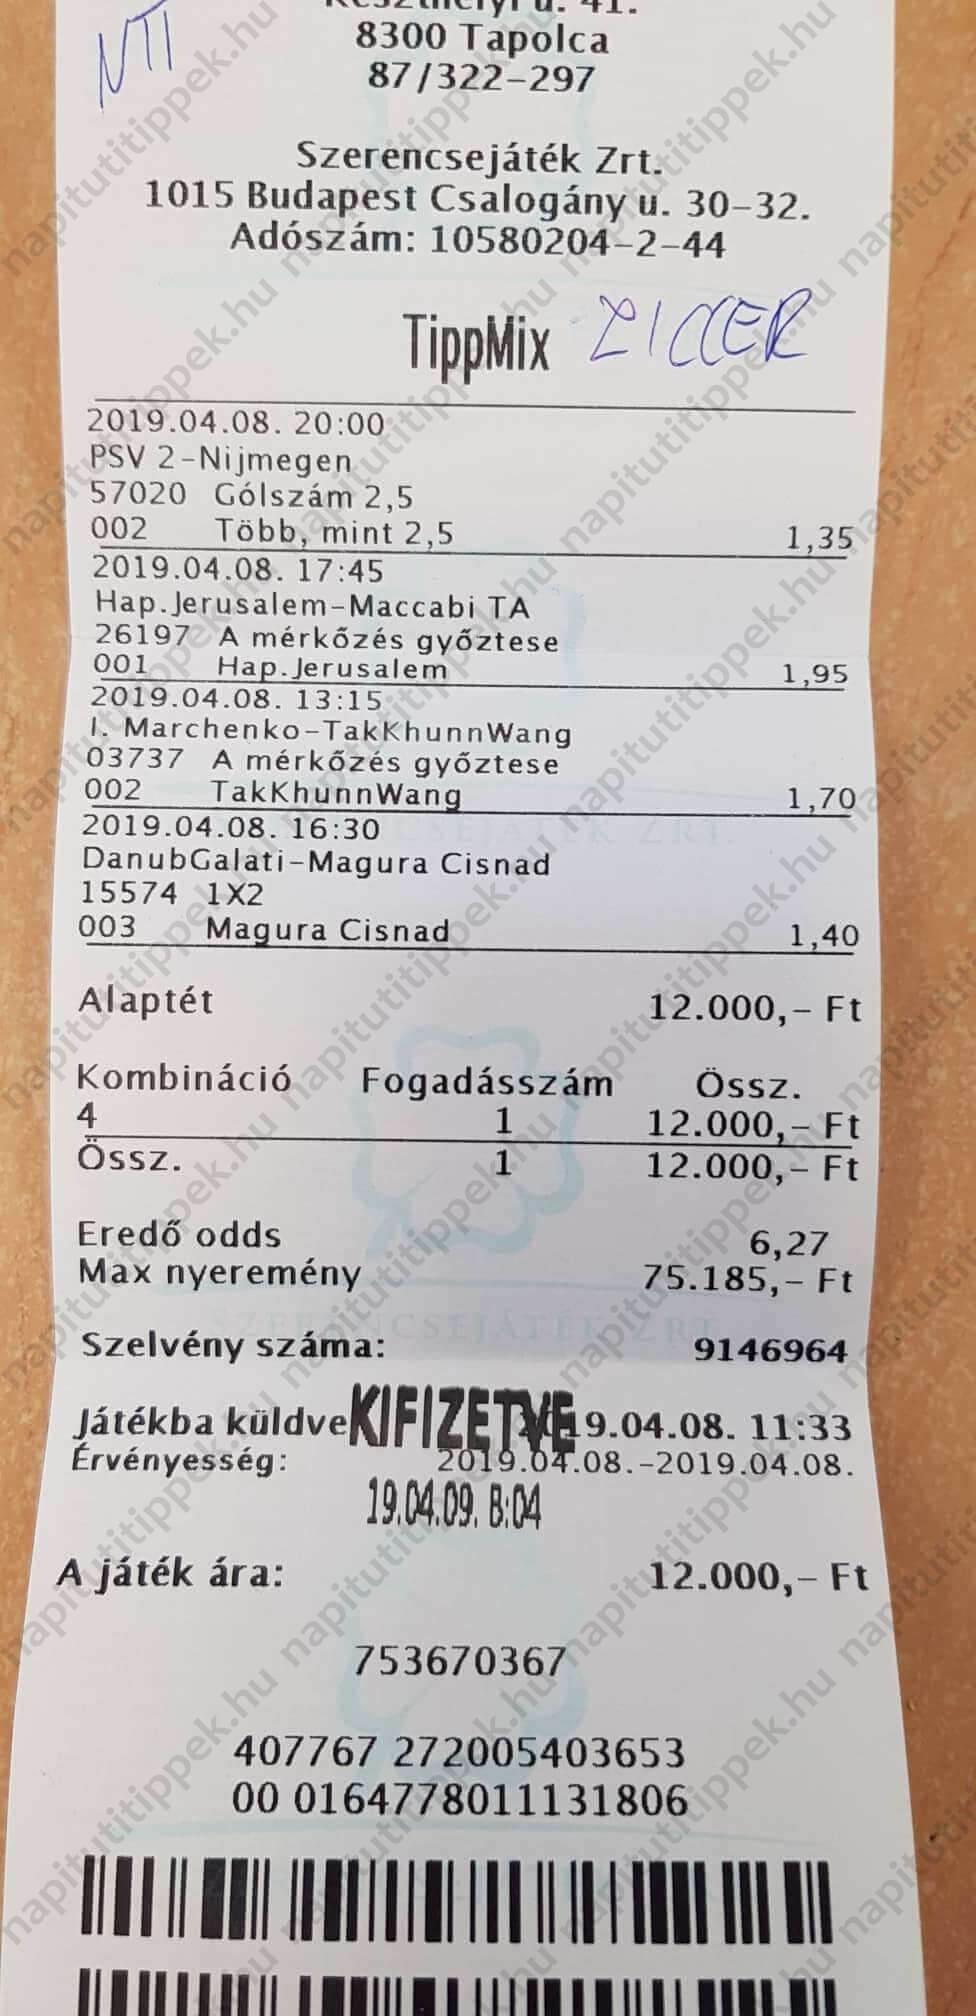 Tippmix és Sportfogadási stratégiák – No Limit - Ziccer: Tippmix tippek, mérkőzés elemzések, statisztikai adatok. Napi ingyenes tippek. Csatlakozz Magyarország legsikeresebb sportfogadó csapatához!